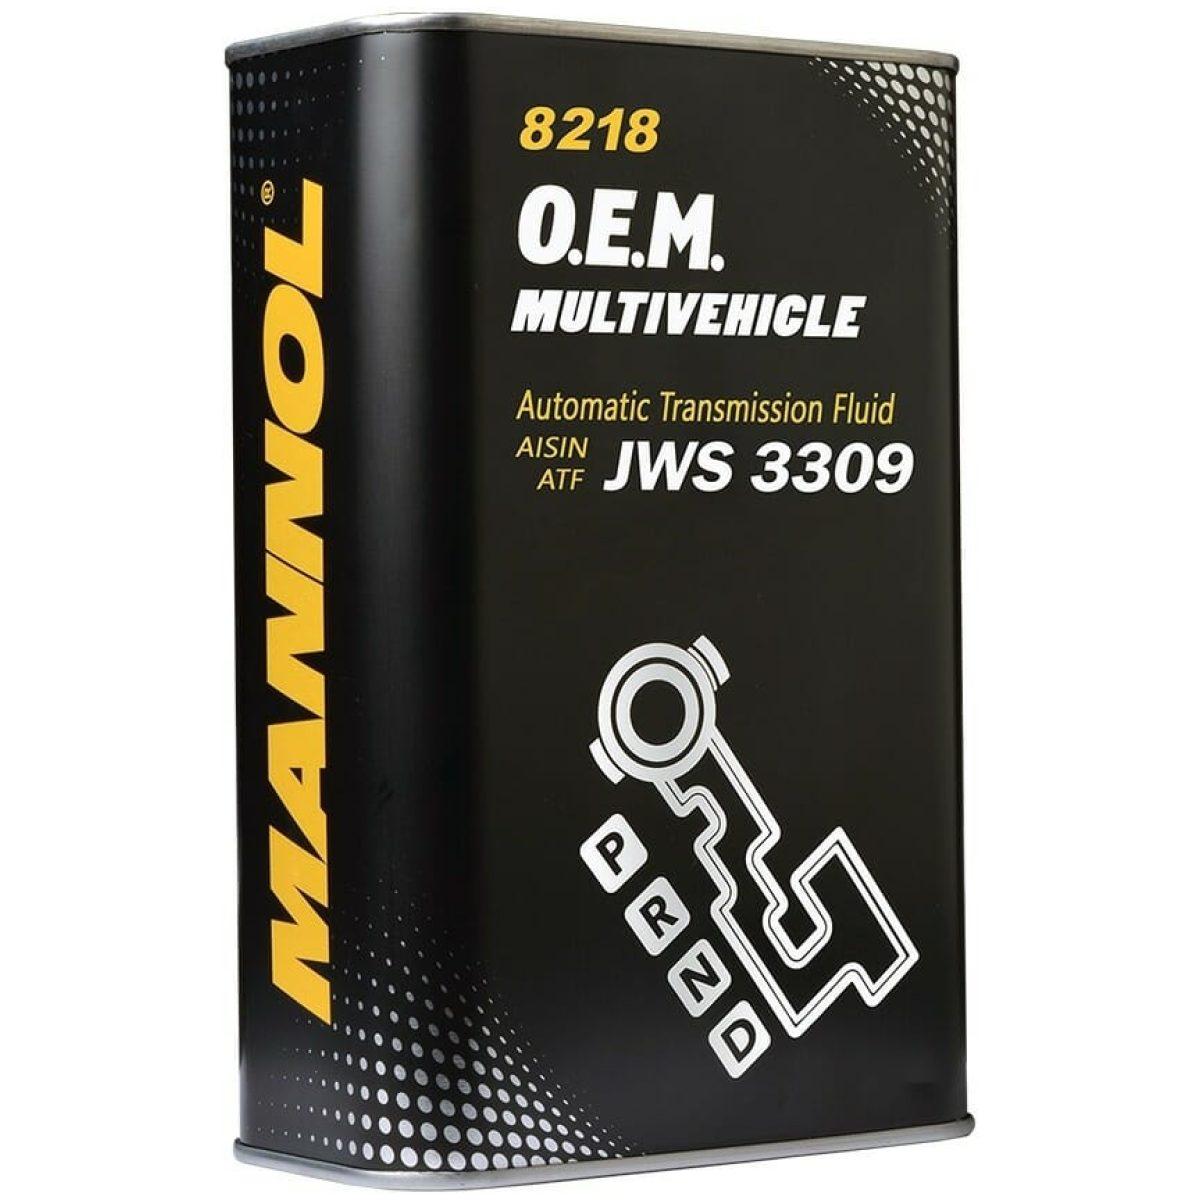 JWS 3309